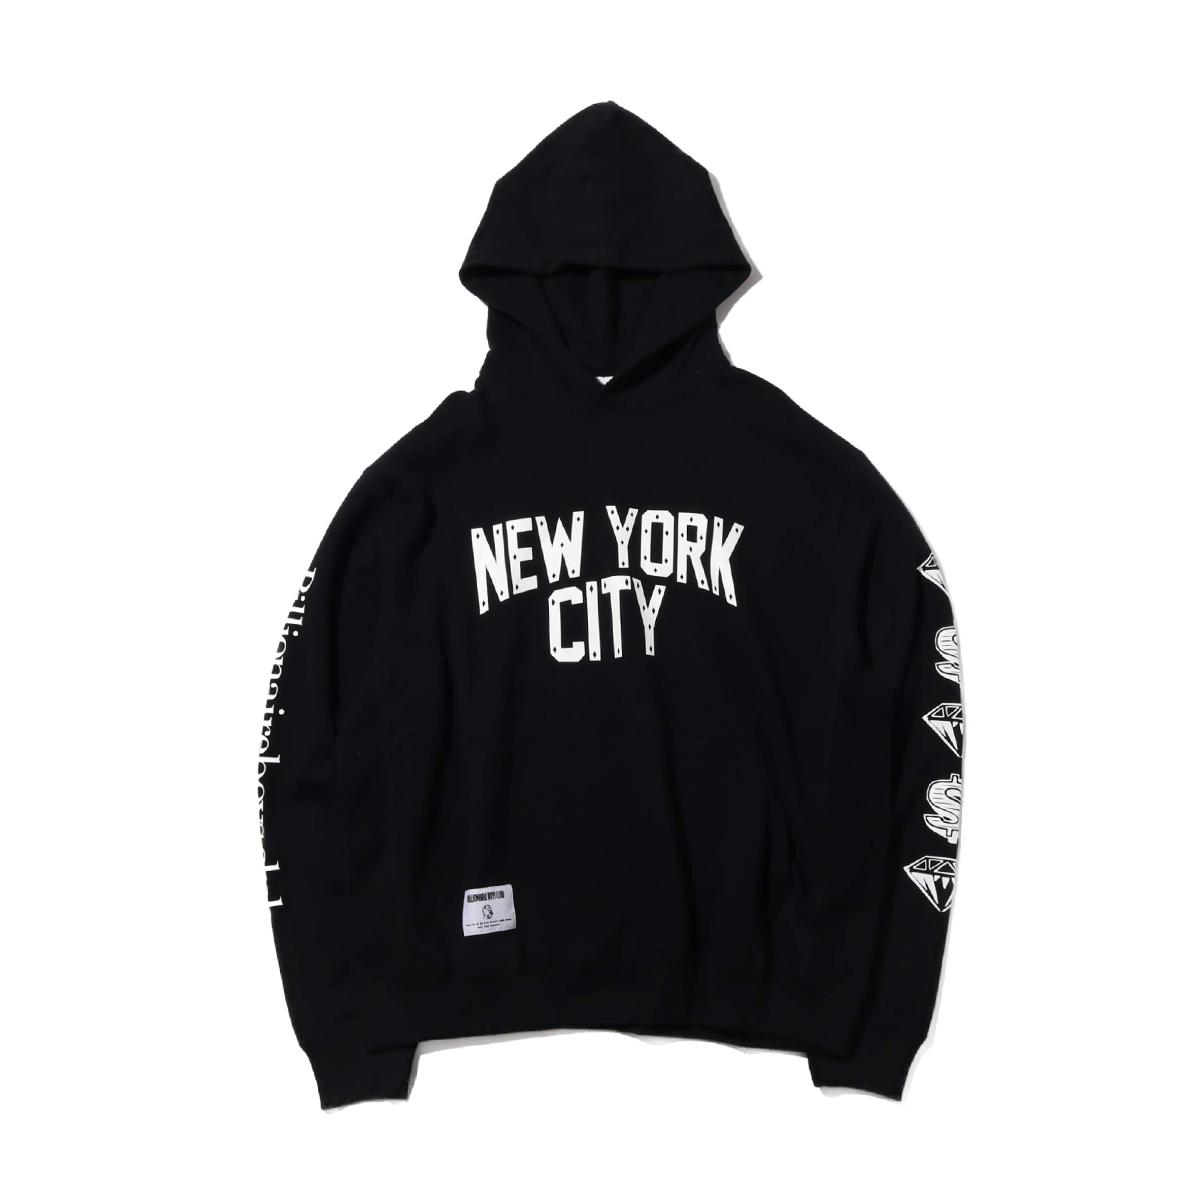 BILLIONAIRE BOYS CLUB NEW YORK CITY HOODIE(BLACK)(ビリオネアボーイズクラブ ニューヨークシティ フーディ )【メンズ】【パーカー】【19FA-I】